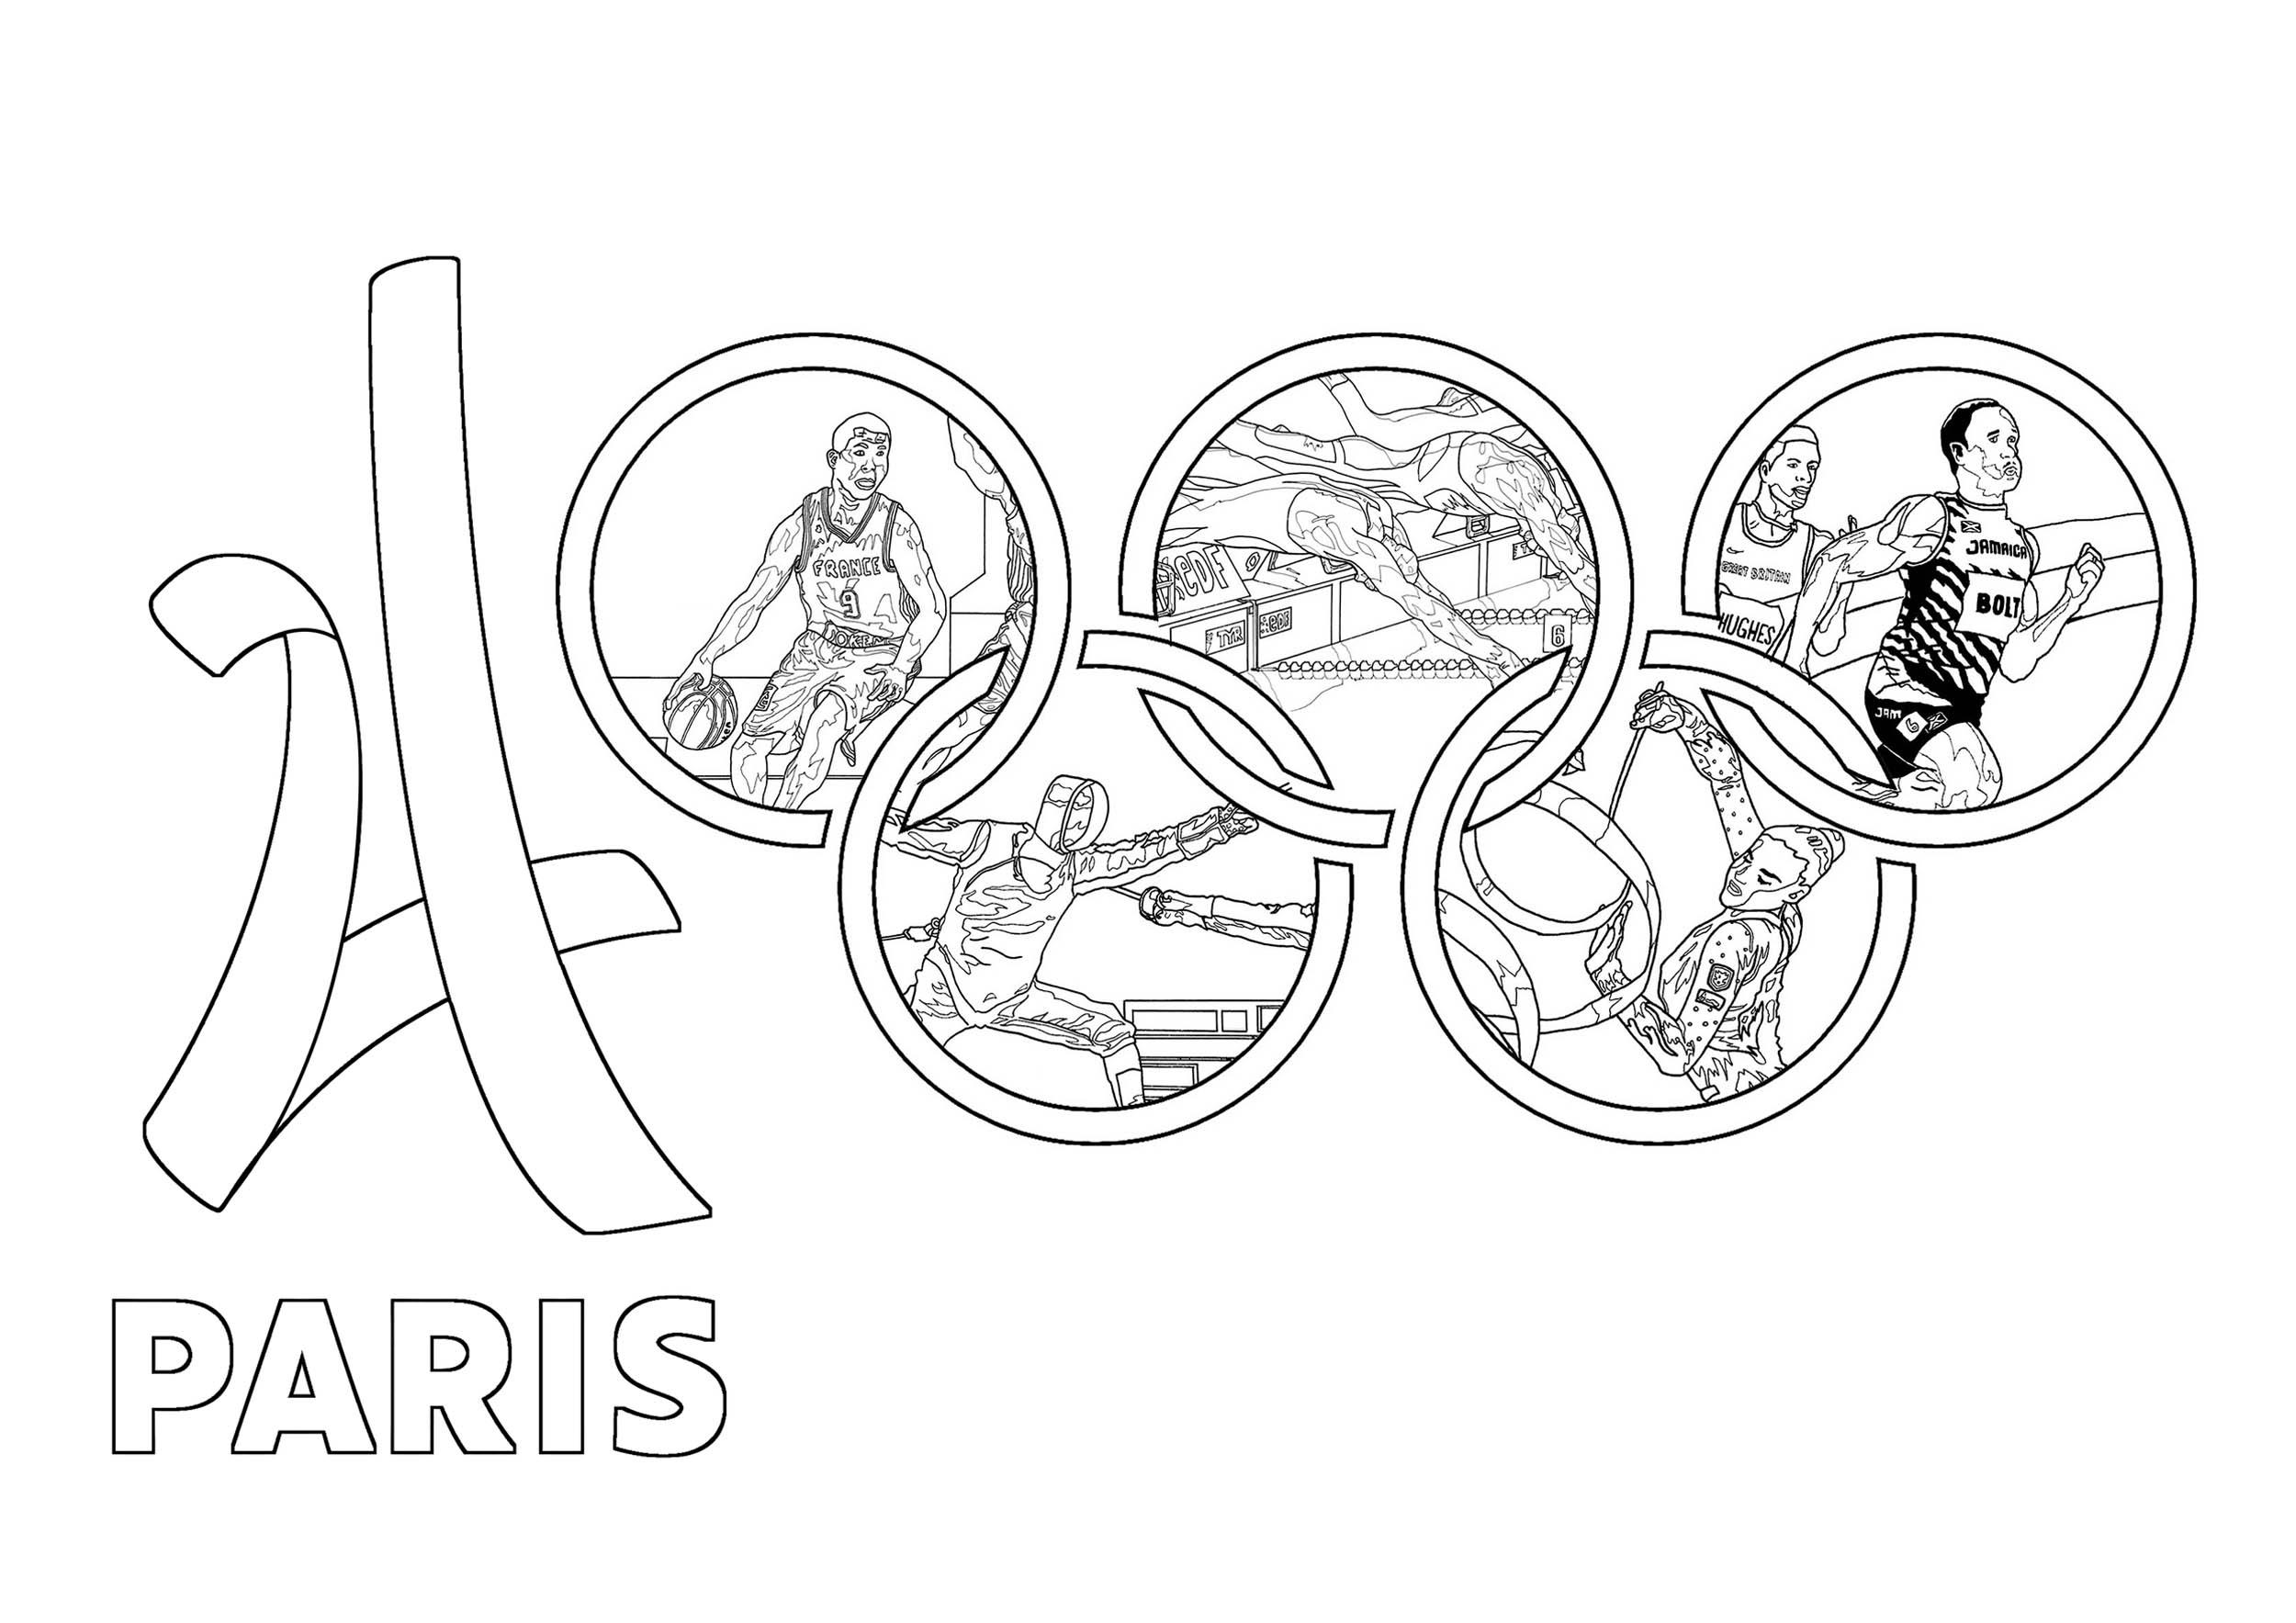 Coloriage réalisé pour les Jeux Olympiques d'été de 2014 à Paris : Logo officiel et divers sports intégrés dans les Anneaux olympiques